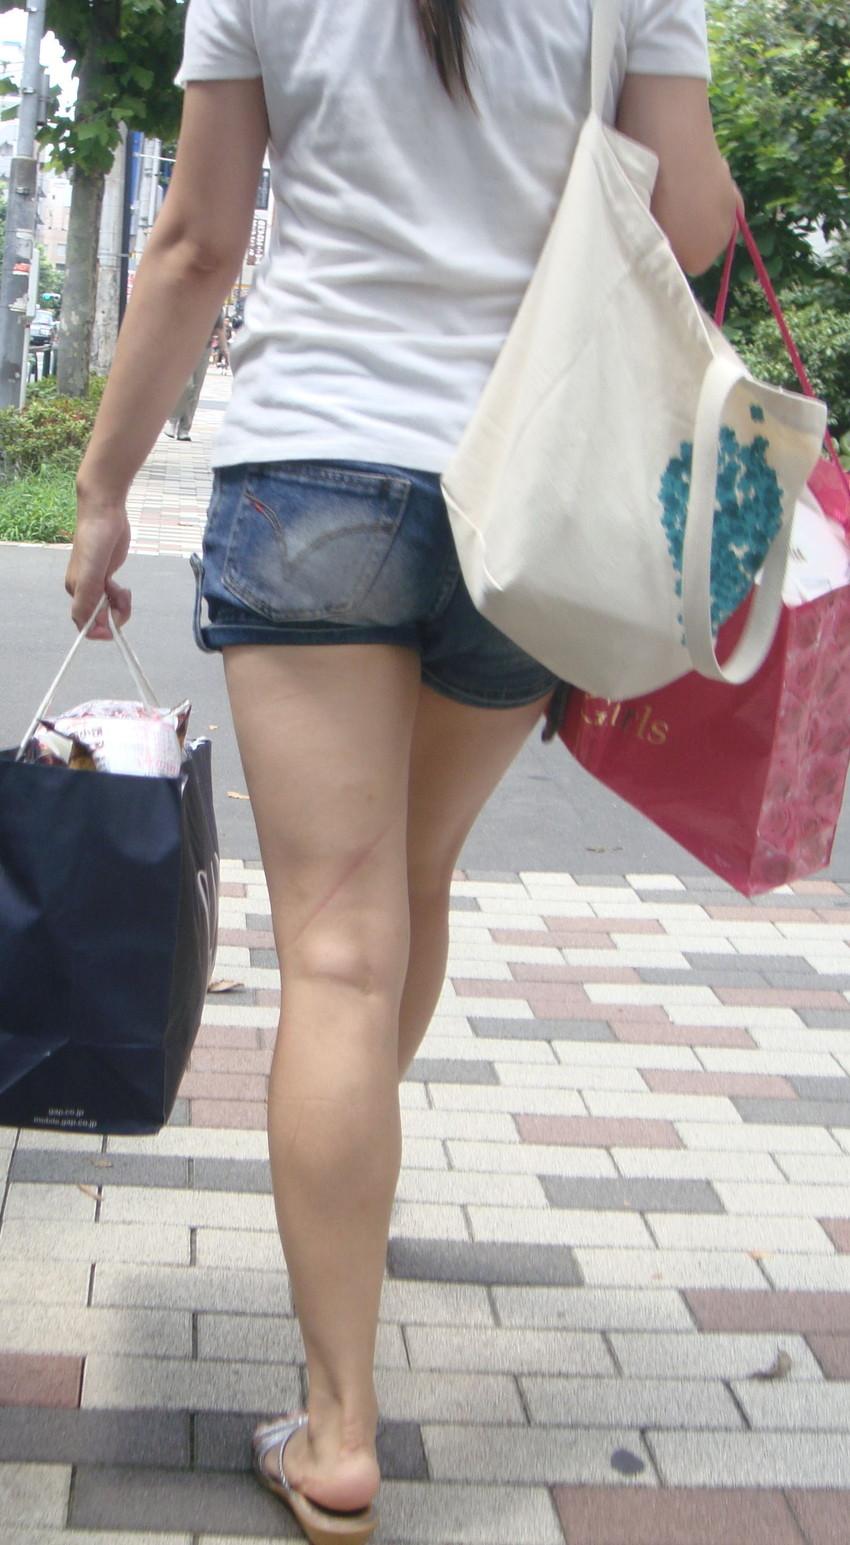 【ホットパンツエロ画像】街中で見かけたらつい目で追ってしまうホットパンツ! 44